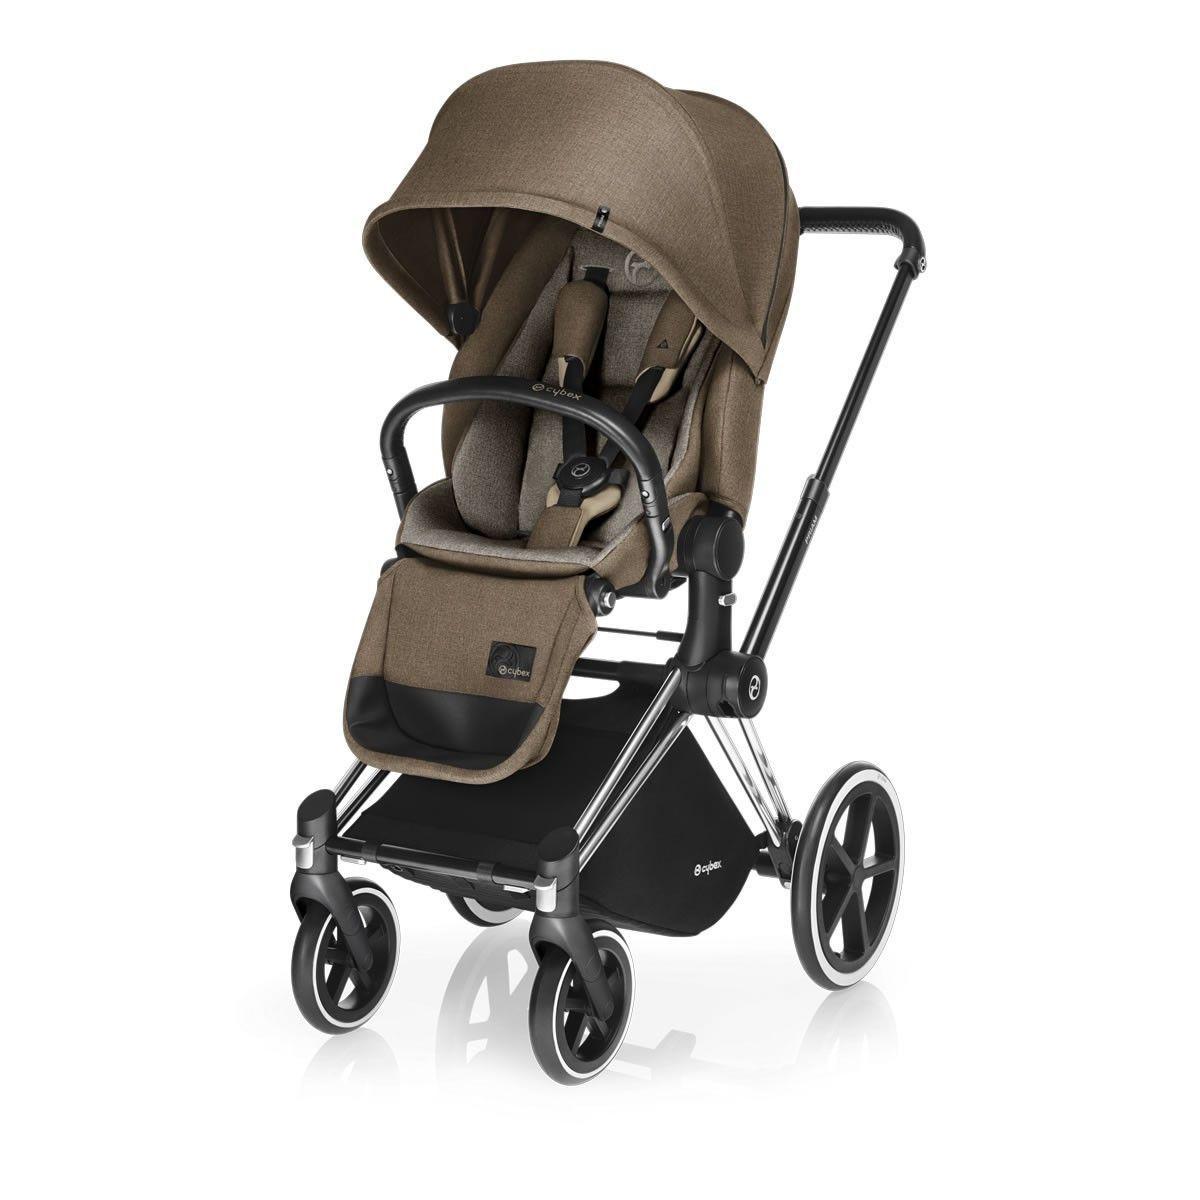 Cybex Priam Stroller AllTerrain Wheels with Lux Seat